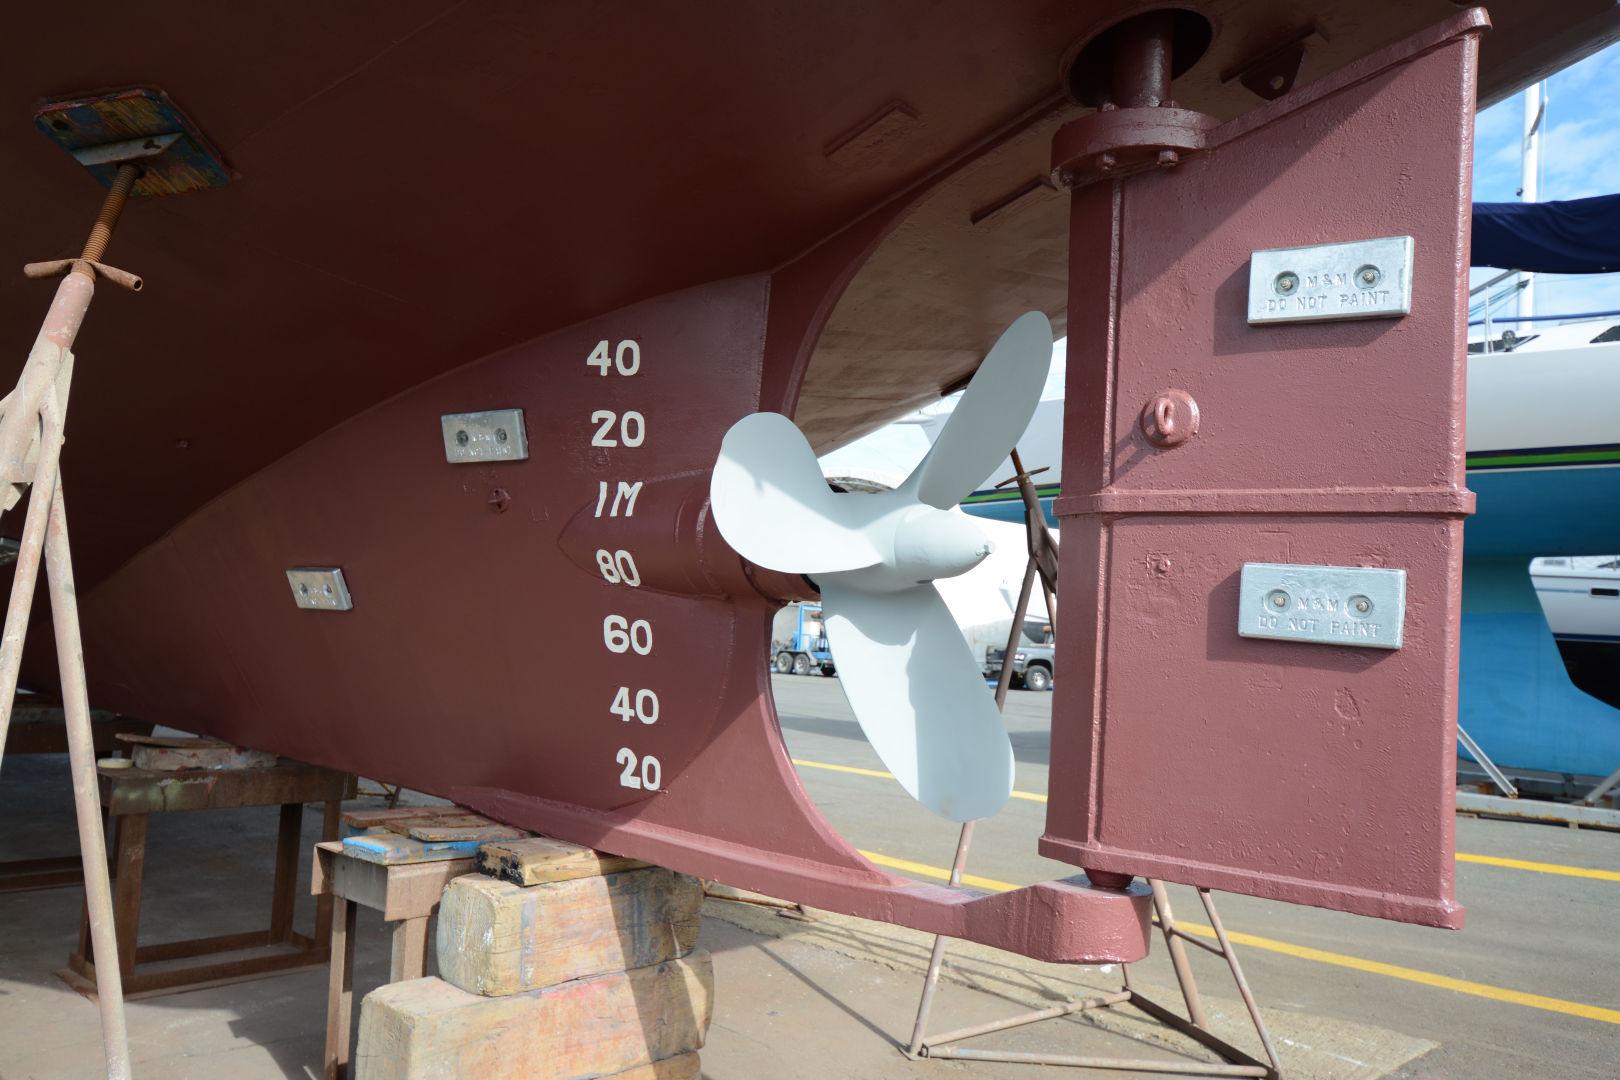 Custom-Converted Royal Navy Fleet Tender 1972-Fintry Boston-Massachusetts-United States-1587019 | Thumbnail